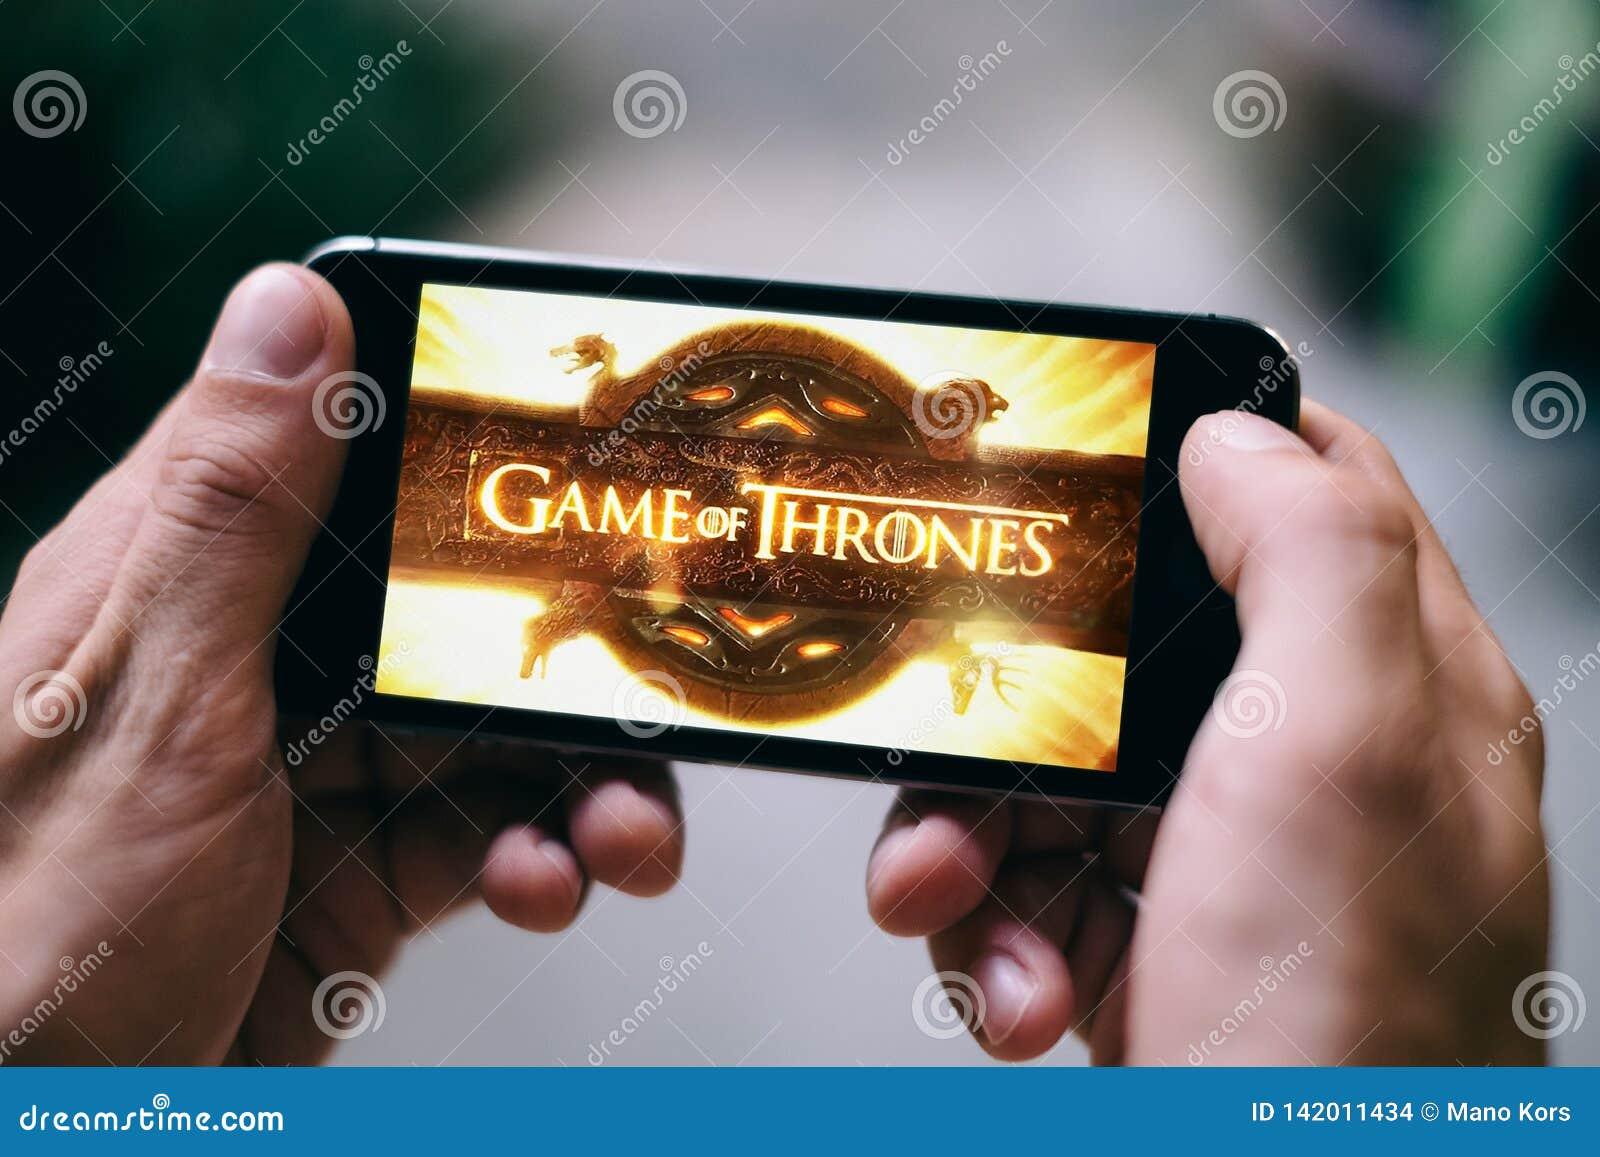 Le jeu du logo ou de l icône de série télévisée de trônes est affiché sur l écran de smartphone